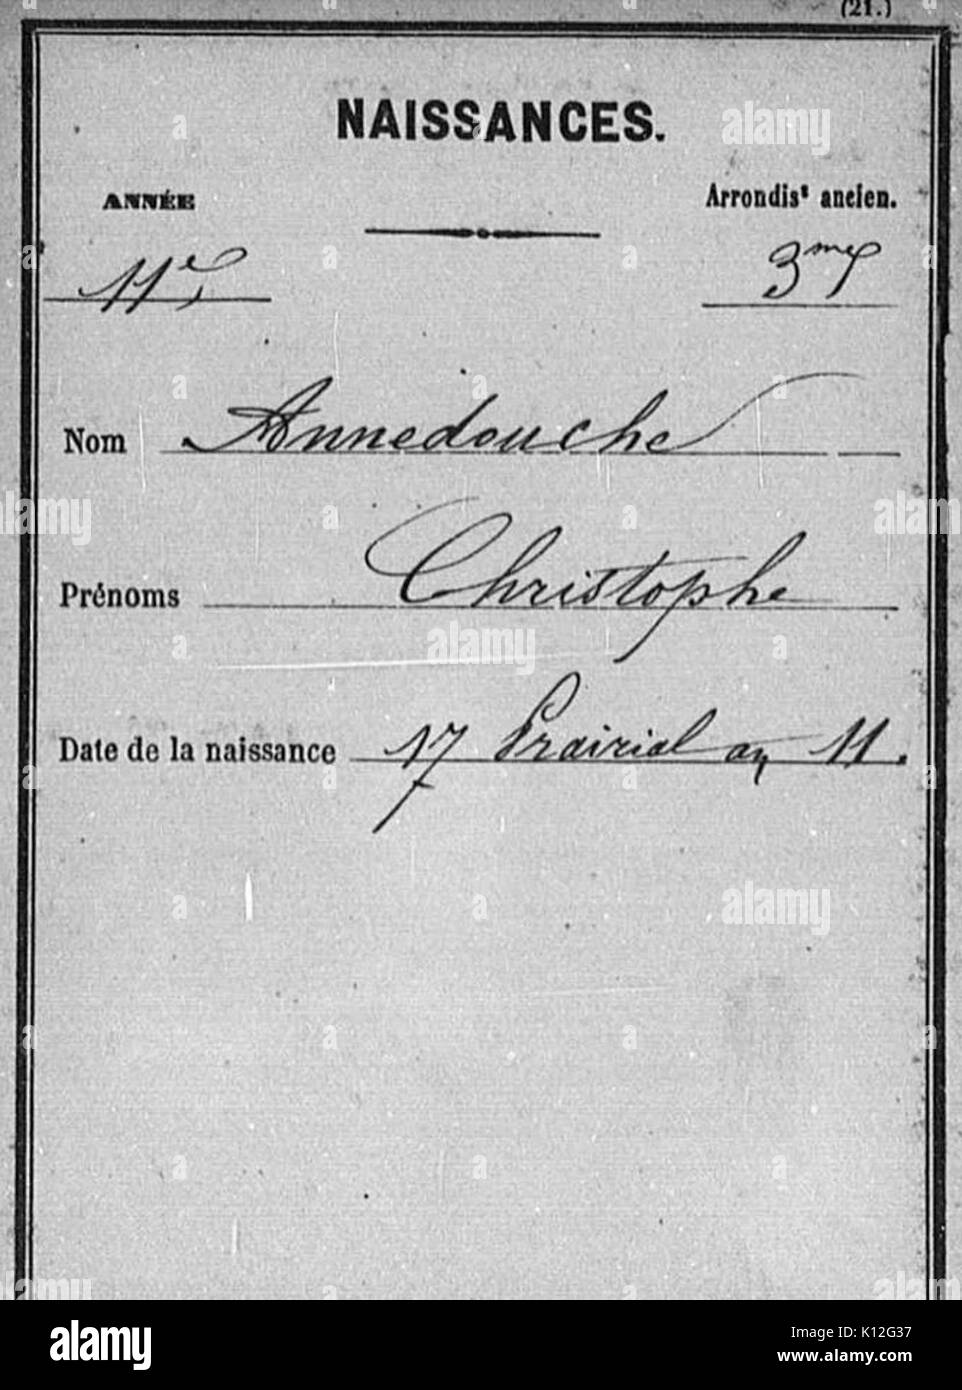 Großartig Black Birth Certificate Ideen - zertifizierungsstelle ...